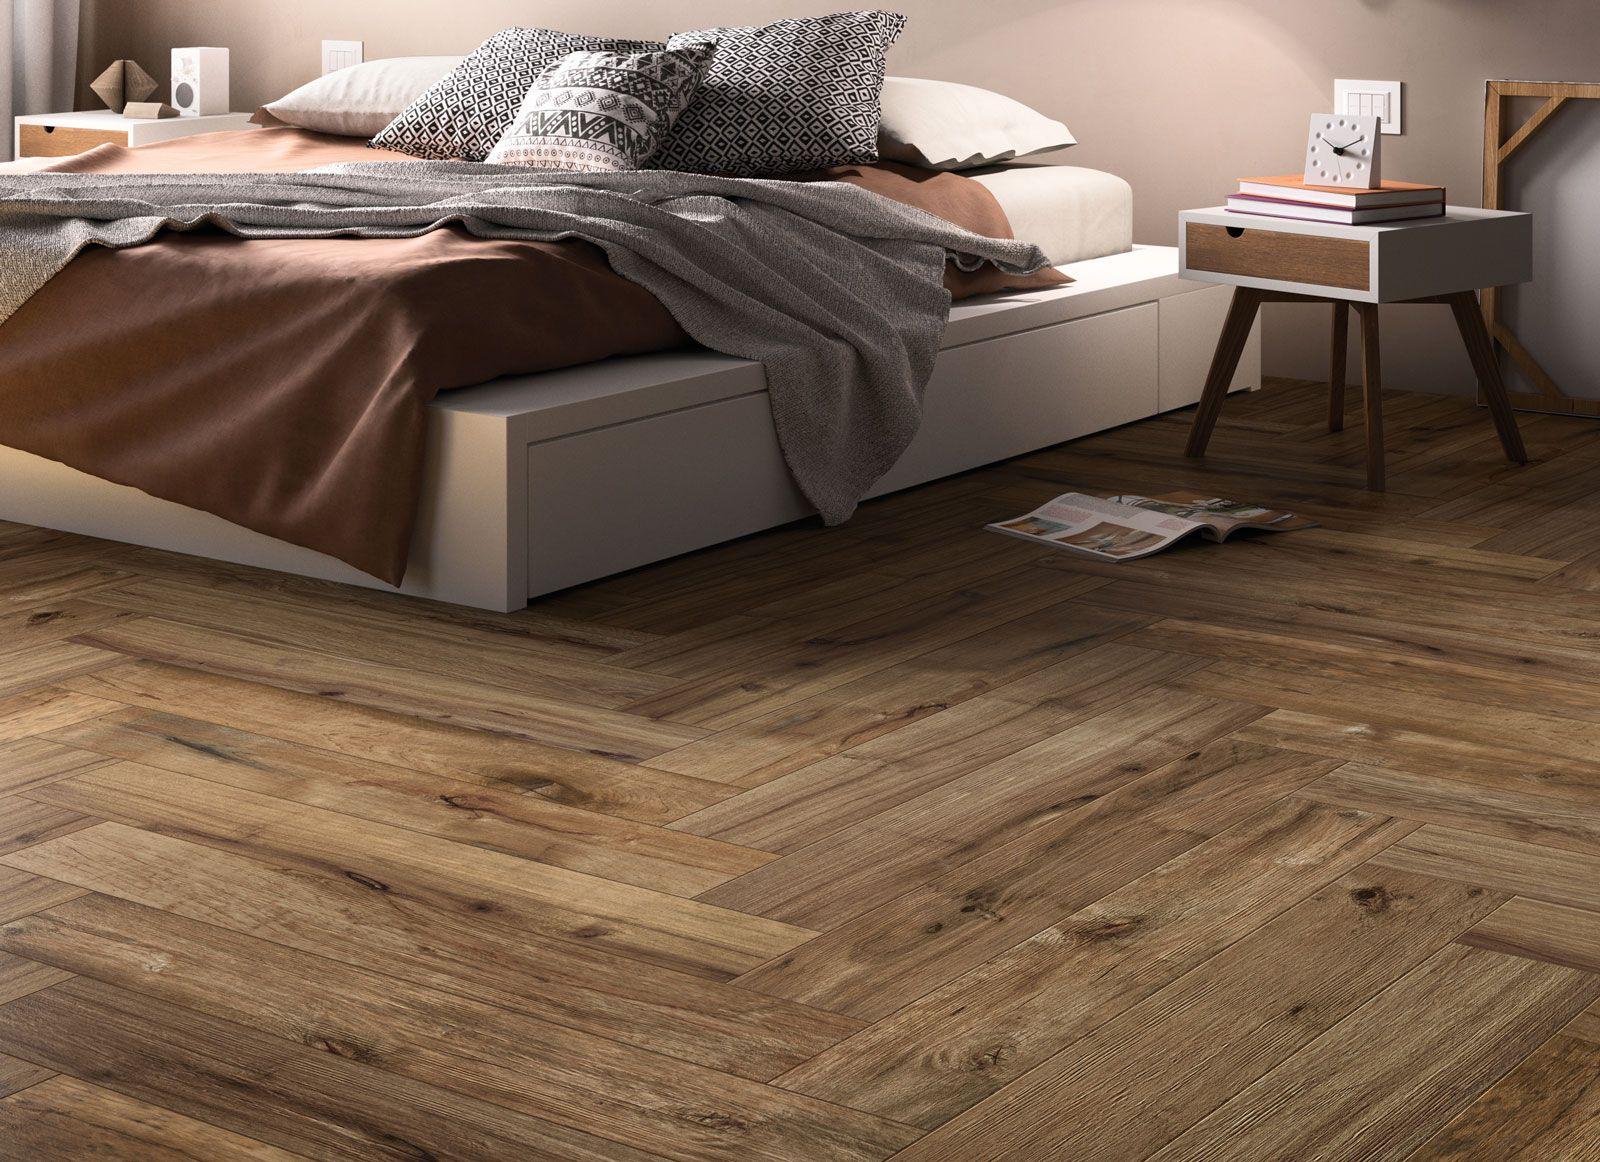 5 raisons de choisir un couvre plancher en c ramique - Revetement pour pose carrelage sur plancher bois ...